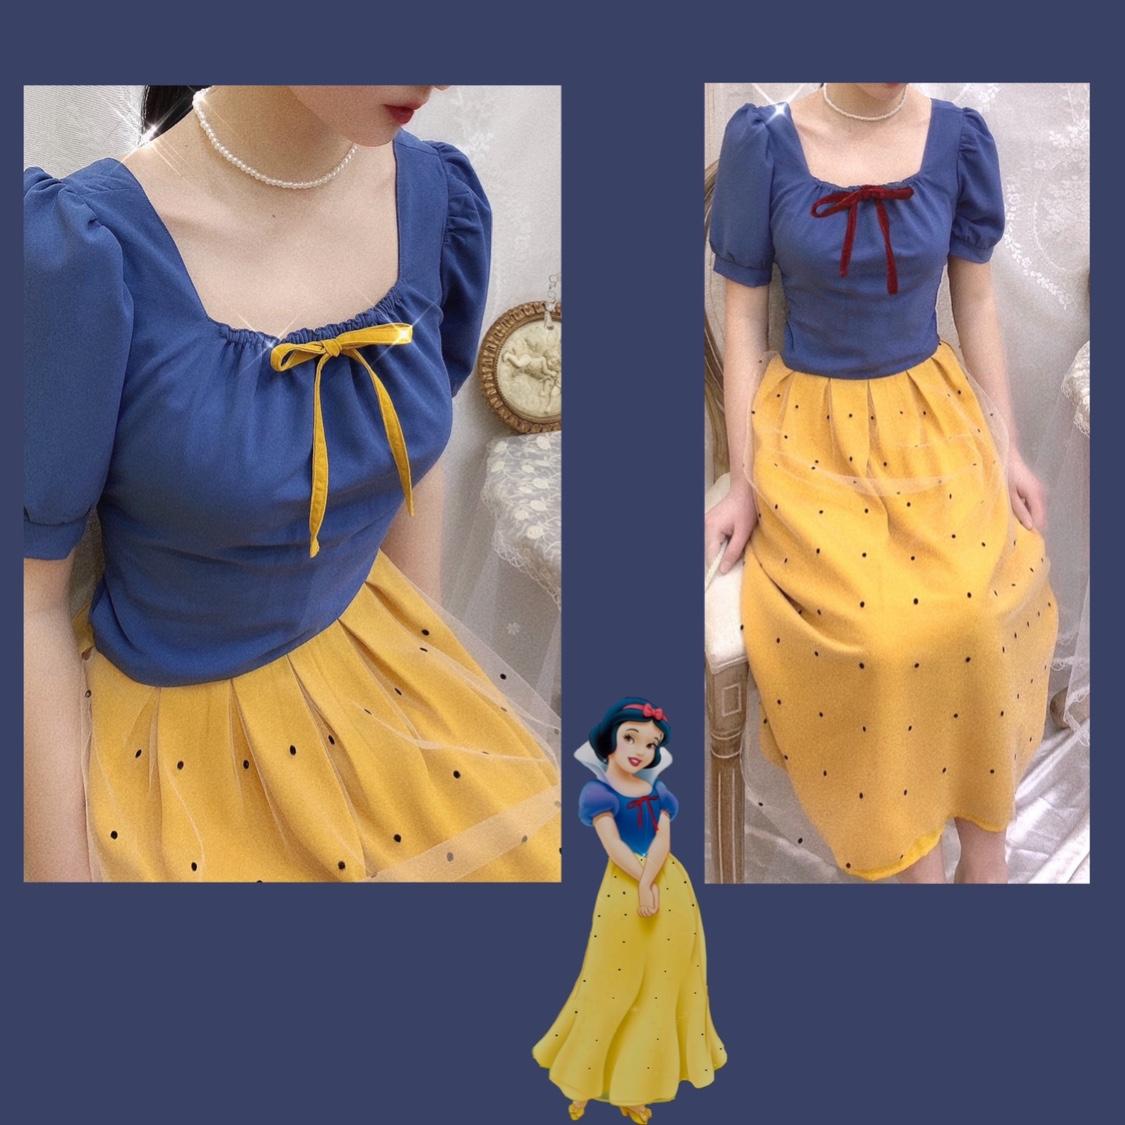 黄色半身裙 晚时光 白雪公主风蓝色方领蝴蝶短袖上衣 高腰黄色网纱波点半身裙_推荐淘宝好看的黄色半身裙